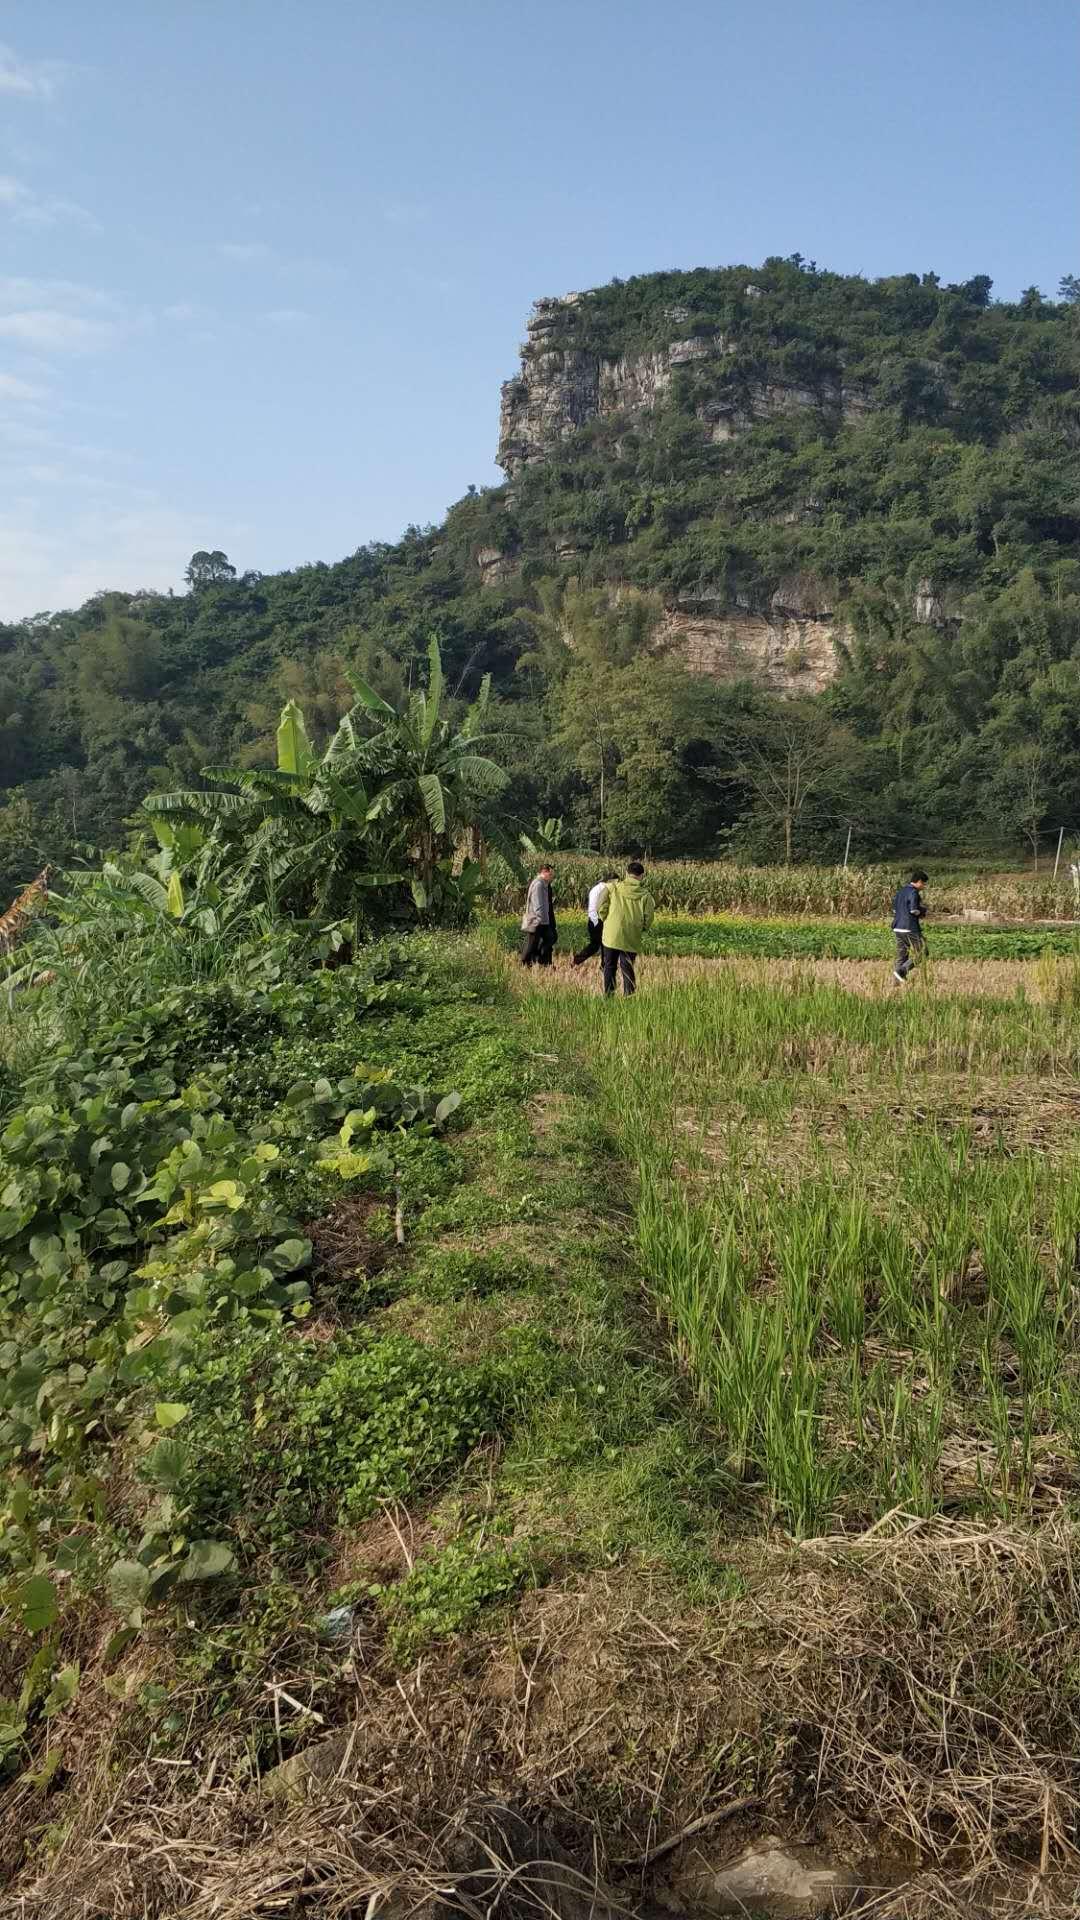 一些文化,考古,学者经常穿梭于感桑的田野上。